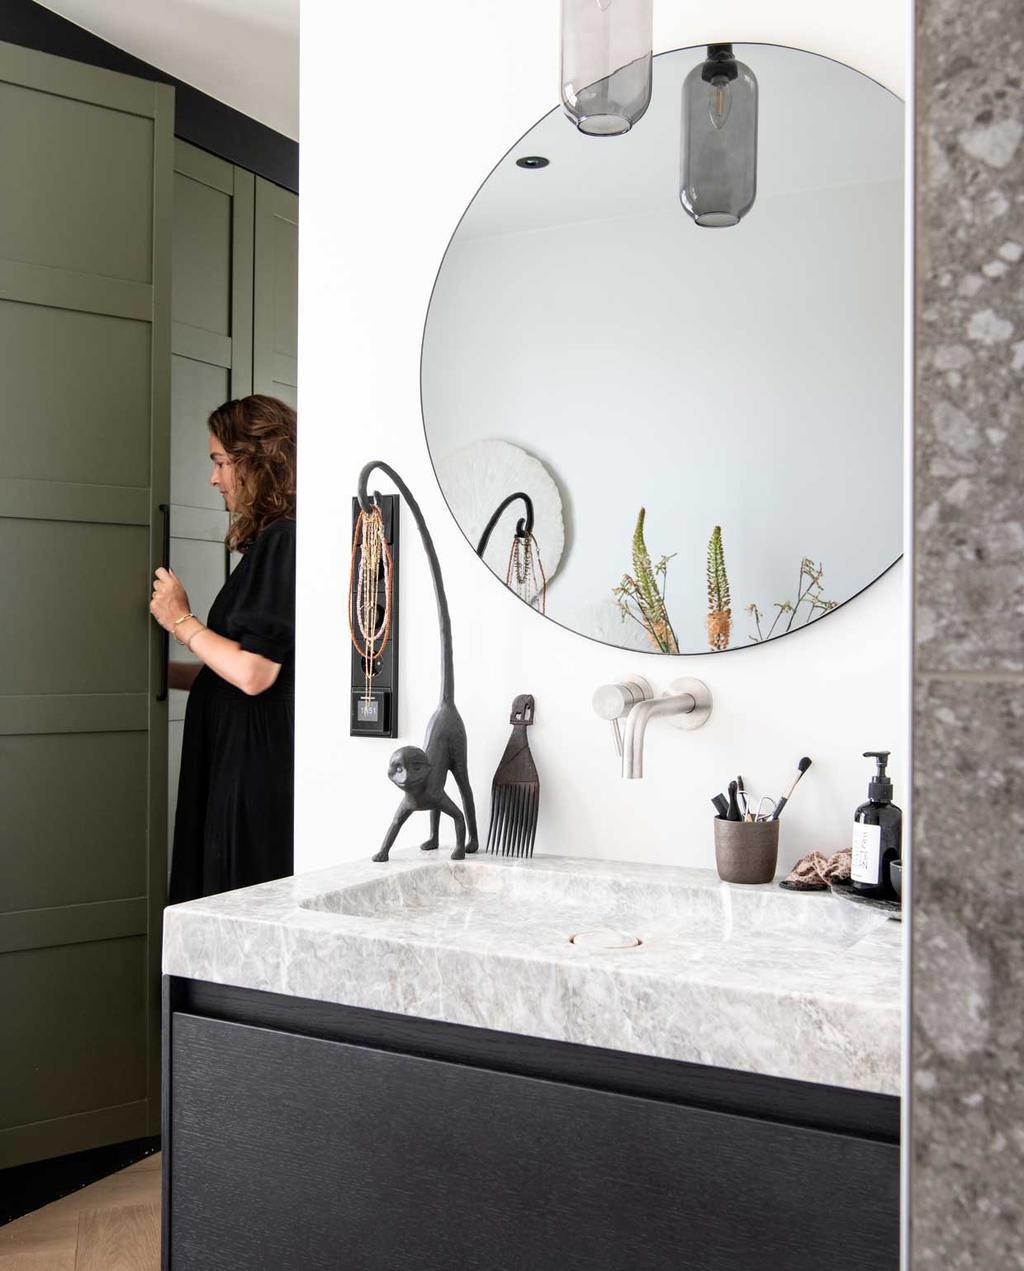 vtwonen binnenkijkspecial 2020 | binnenkijken in een woonboerderij in braambrugge | badkamer